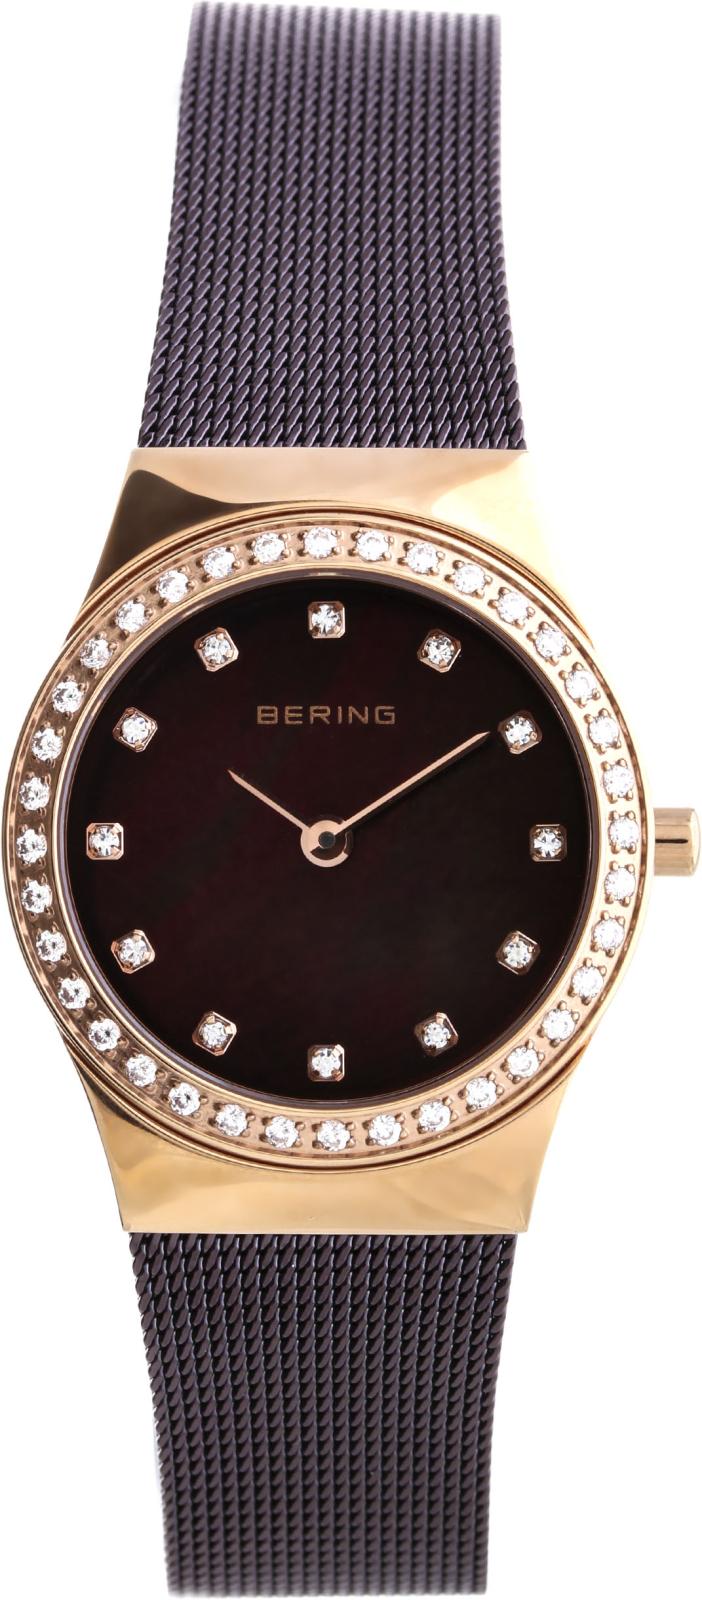 Bering Classic 12426-262 от Bering